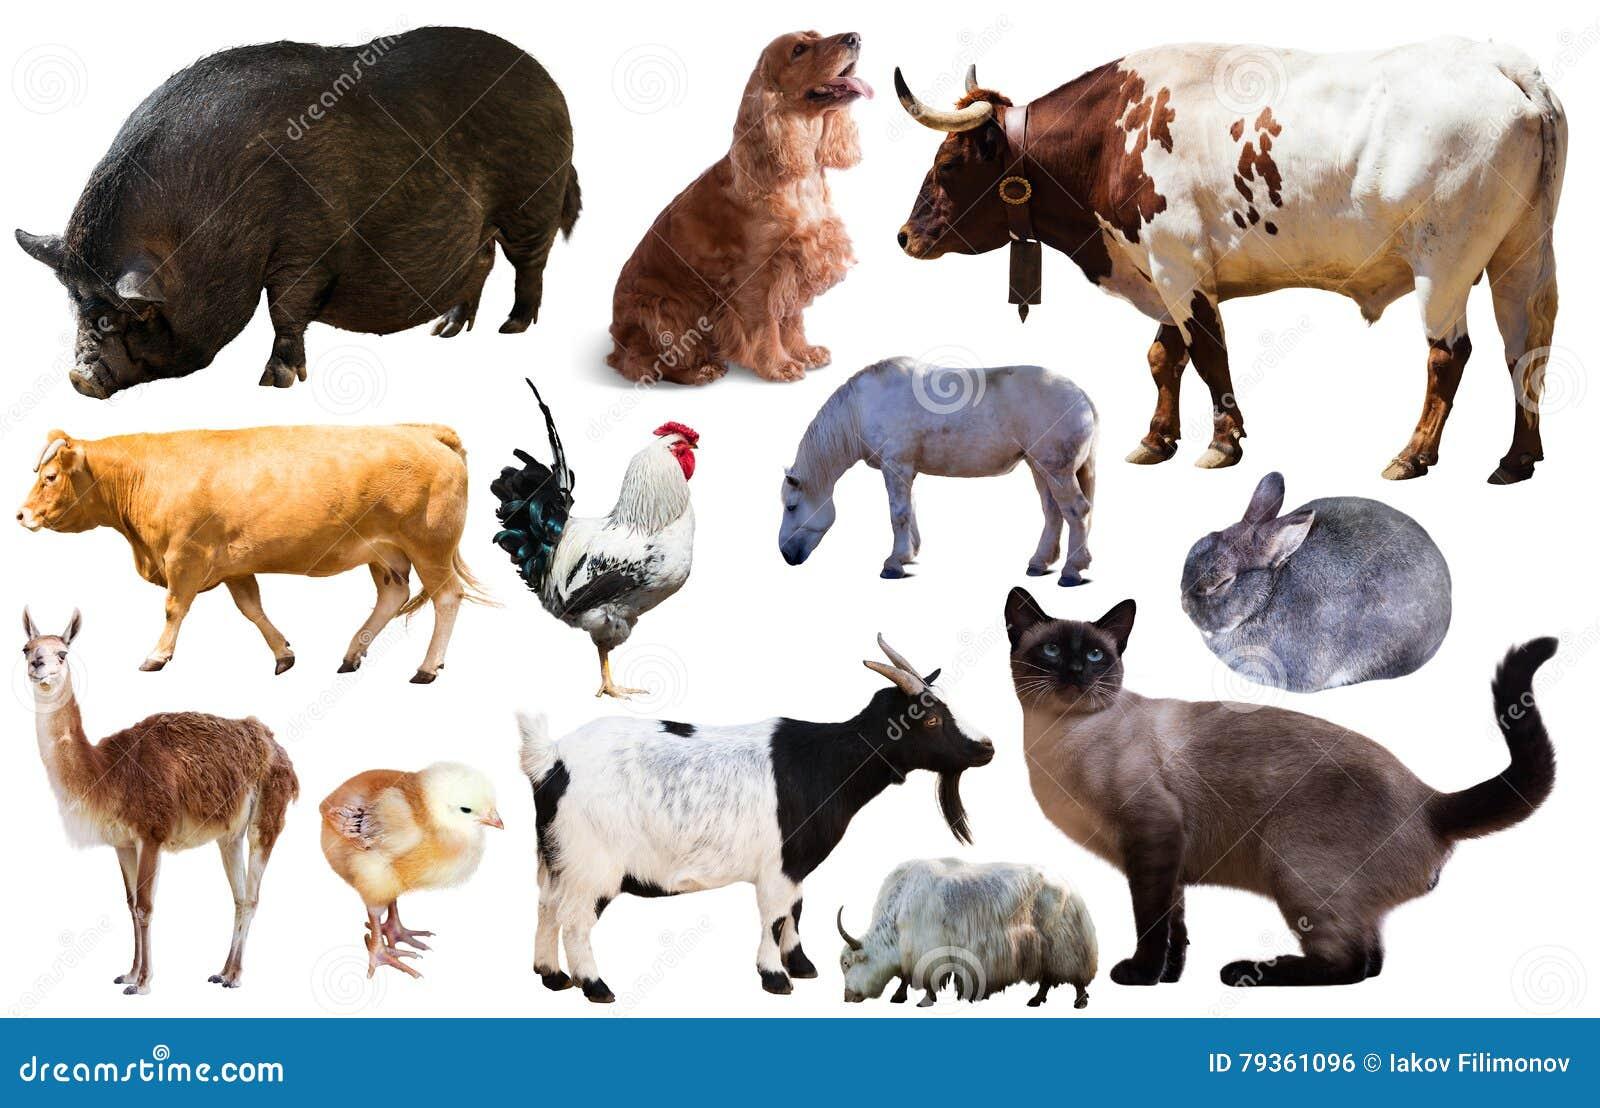 Ensemble d animaux de ferme